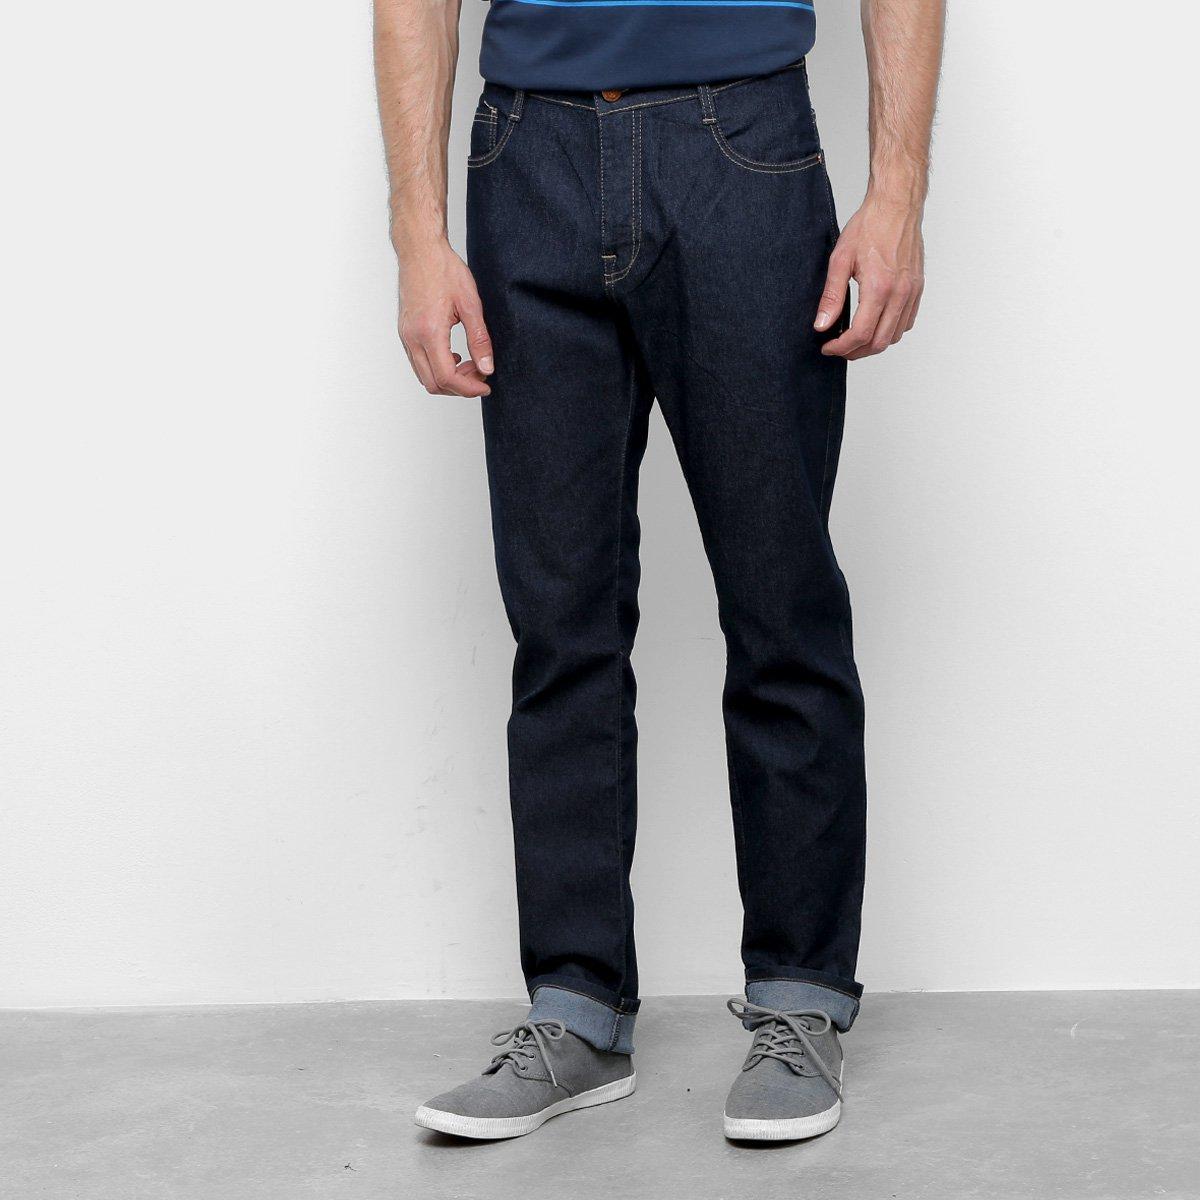 Calça Jeans Ecko Slim Fit Masculina - Tam: 42